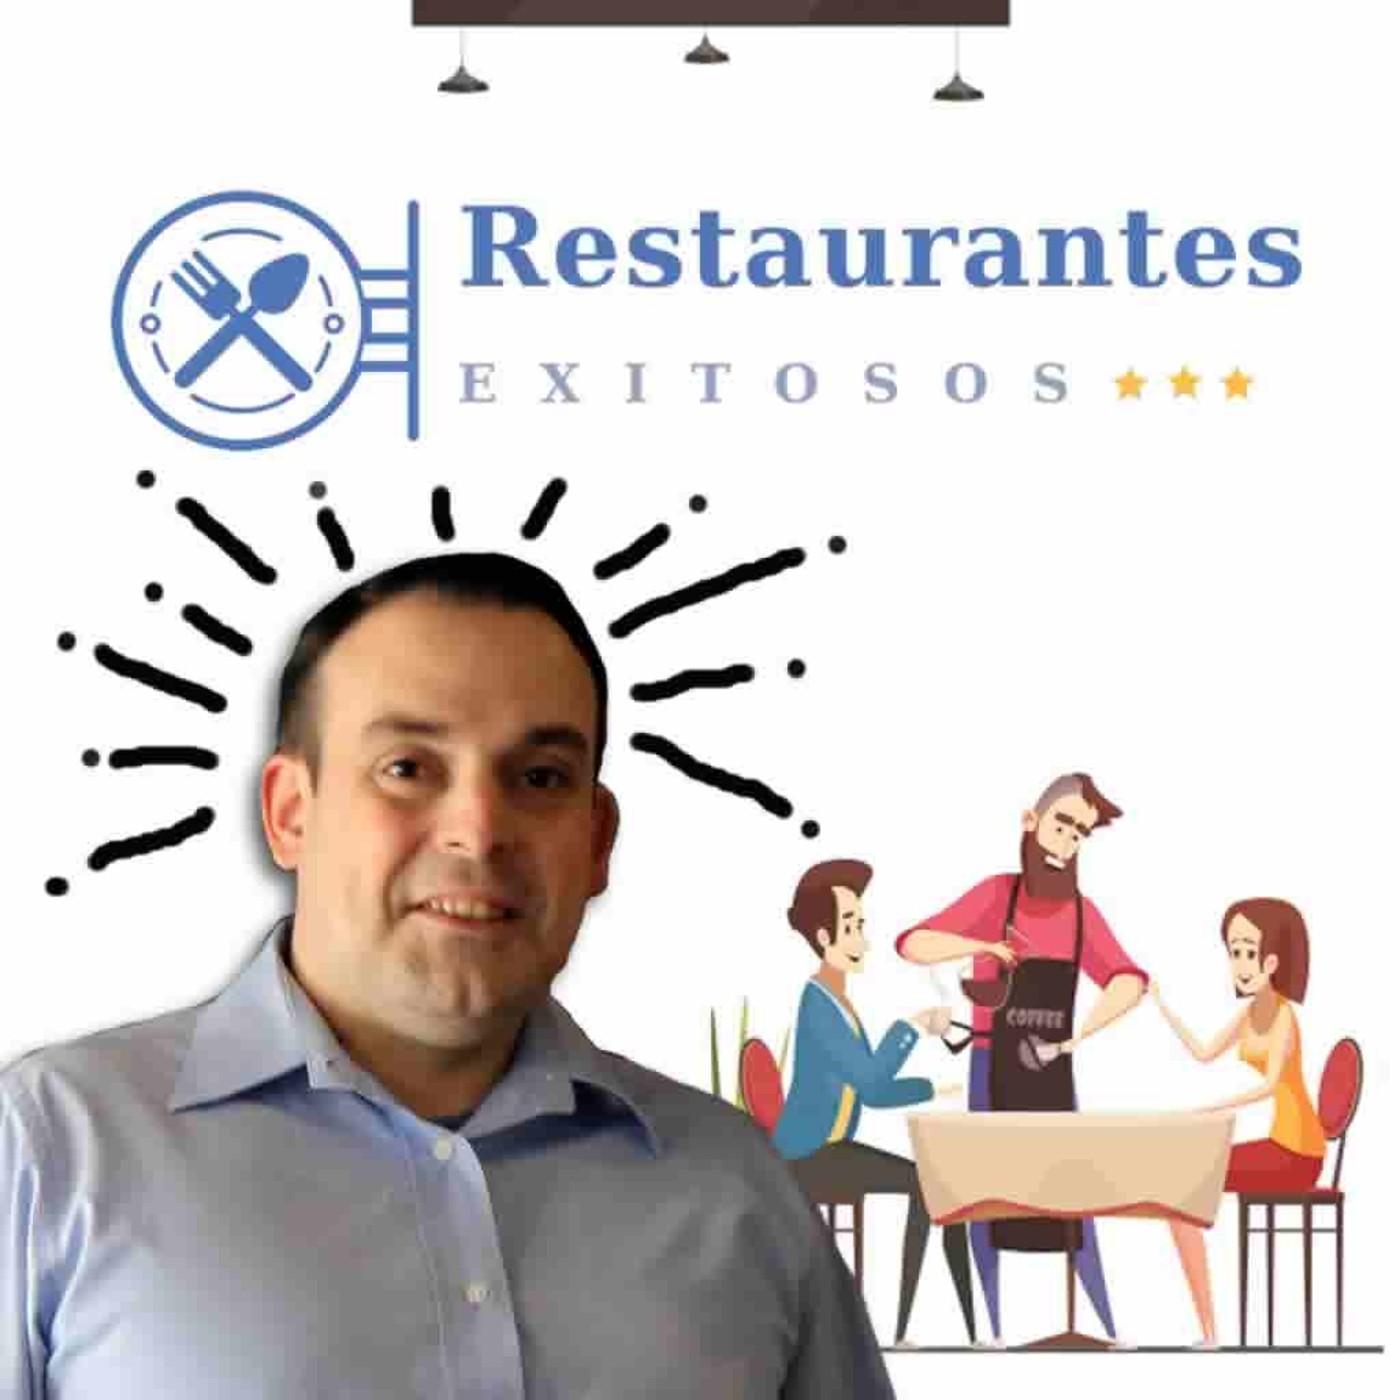 Restaurantes Exitosos en Ivoox